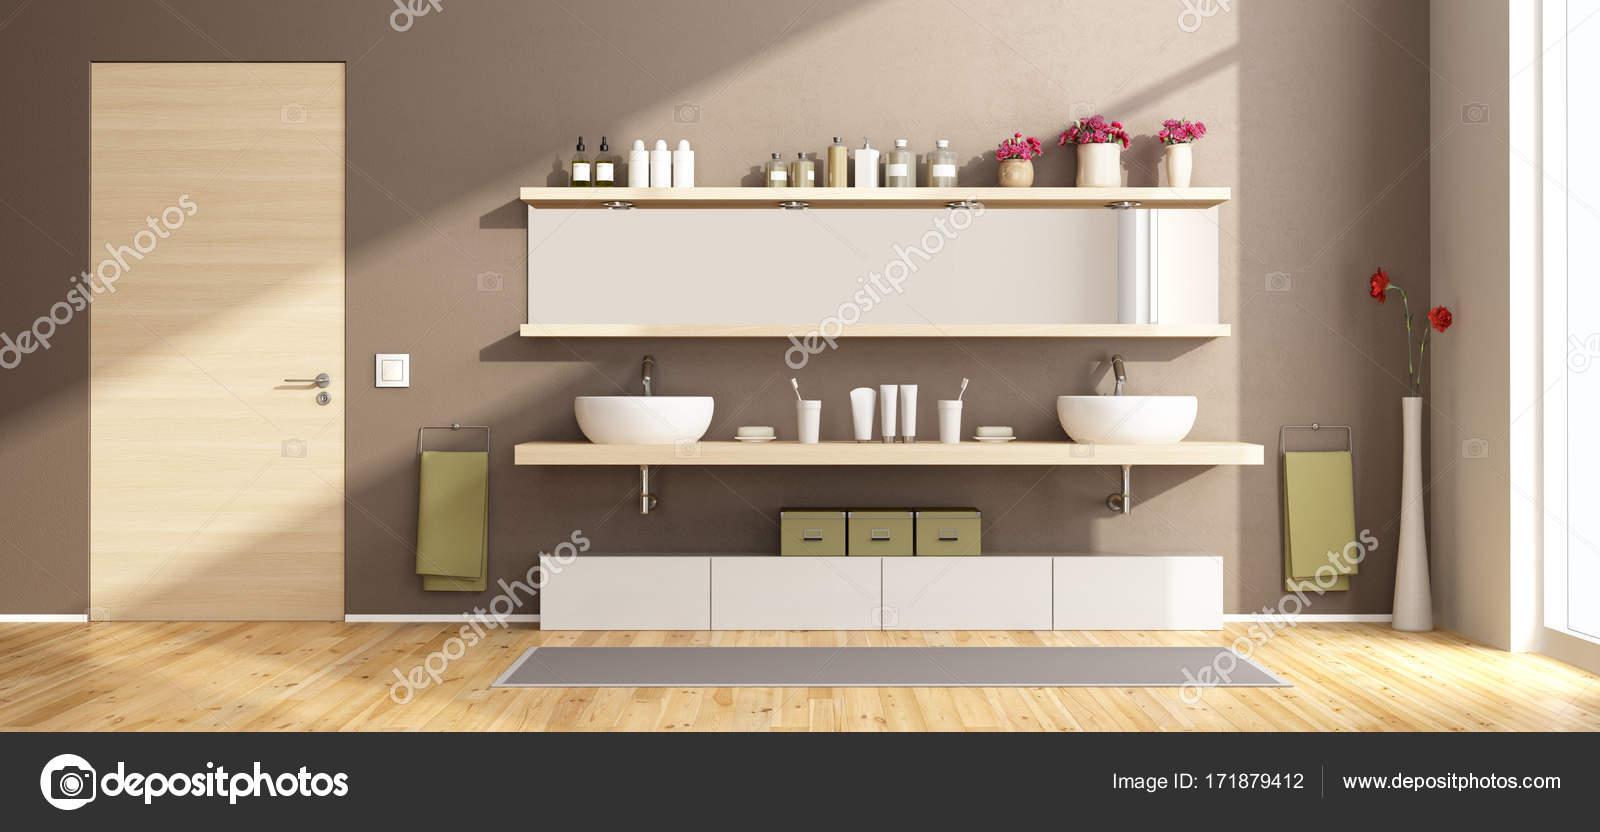 Ripiani In Legno Per Bagno : Moderno bagno con lavabi su ripiano in legno u2014 foto stock